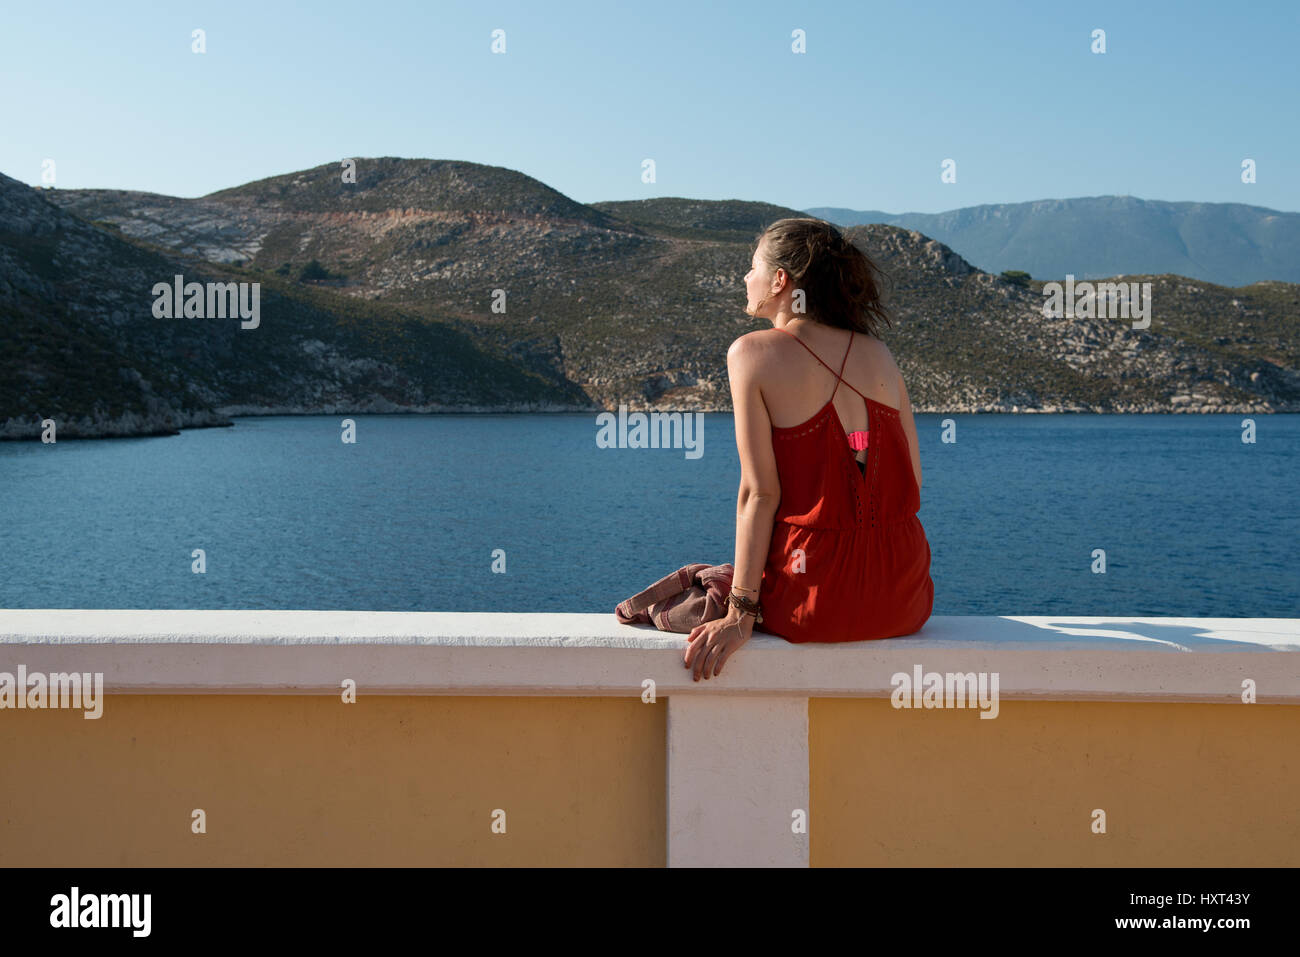 Mädchen in rotem Kleid sitzt auf Quaimauer, sieht auf Meer, dahinter kahle Hügel, Insel Kastellorizo, - Stock Image